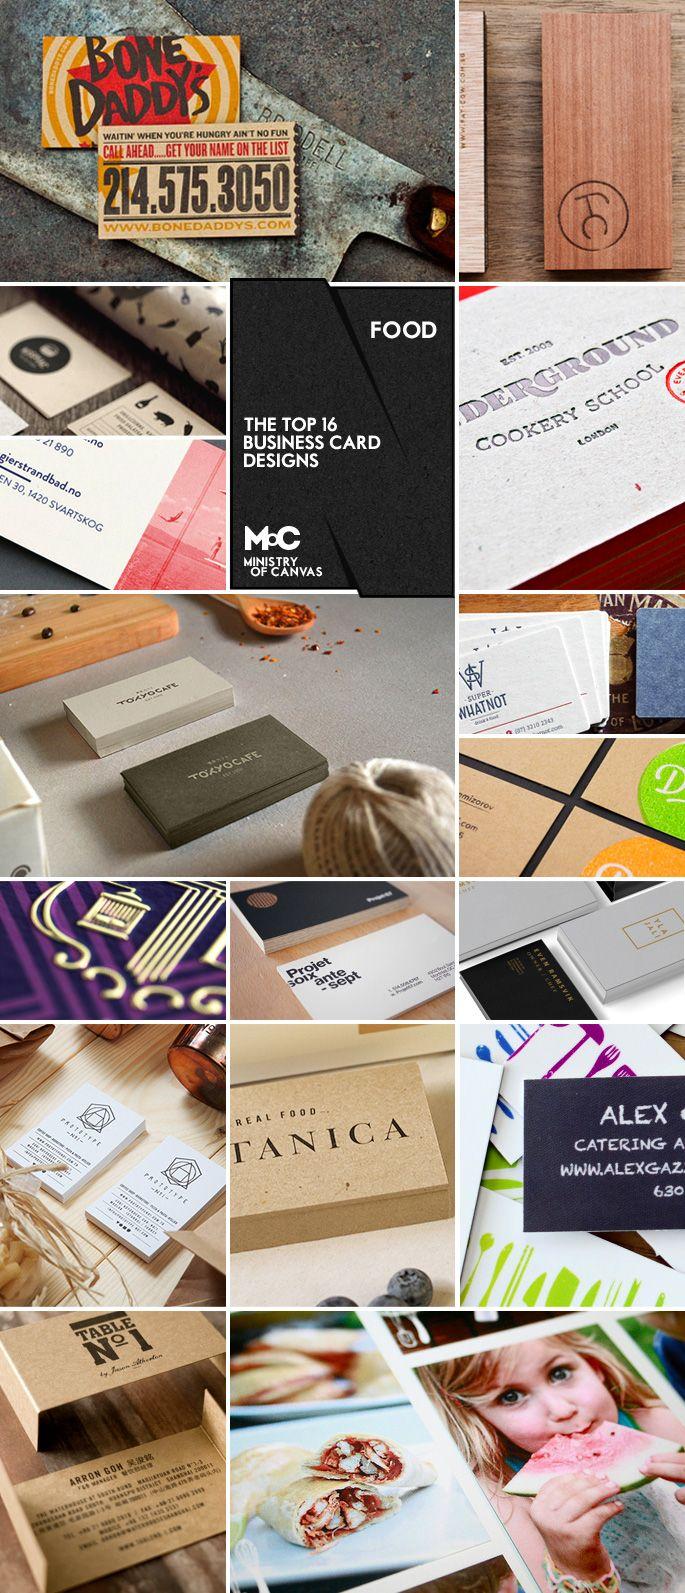 20 Best Food Blogging Images On Pinterest Blogging Business Card